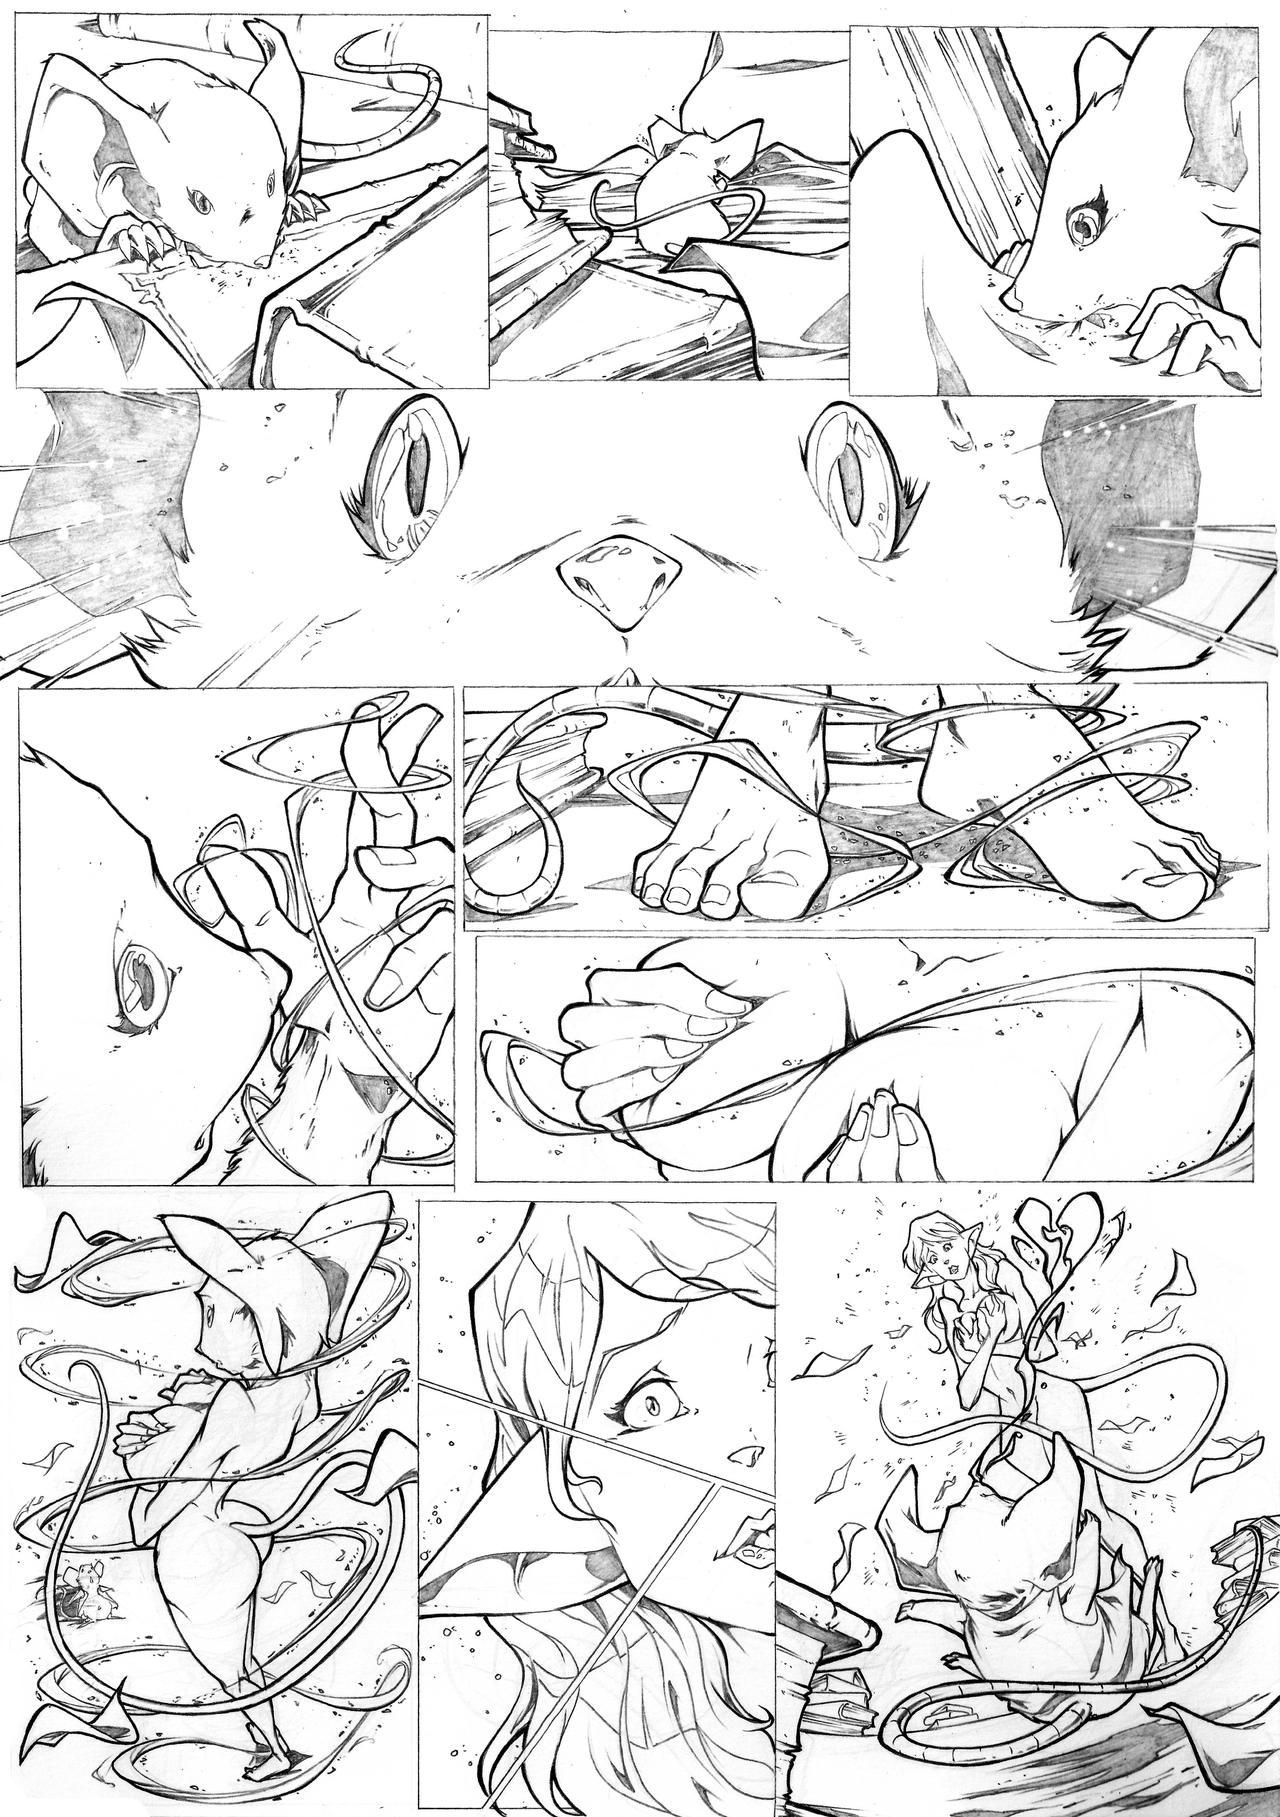 Zalia Page 3 project by marvelmania